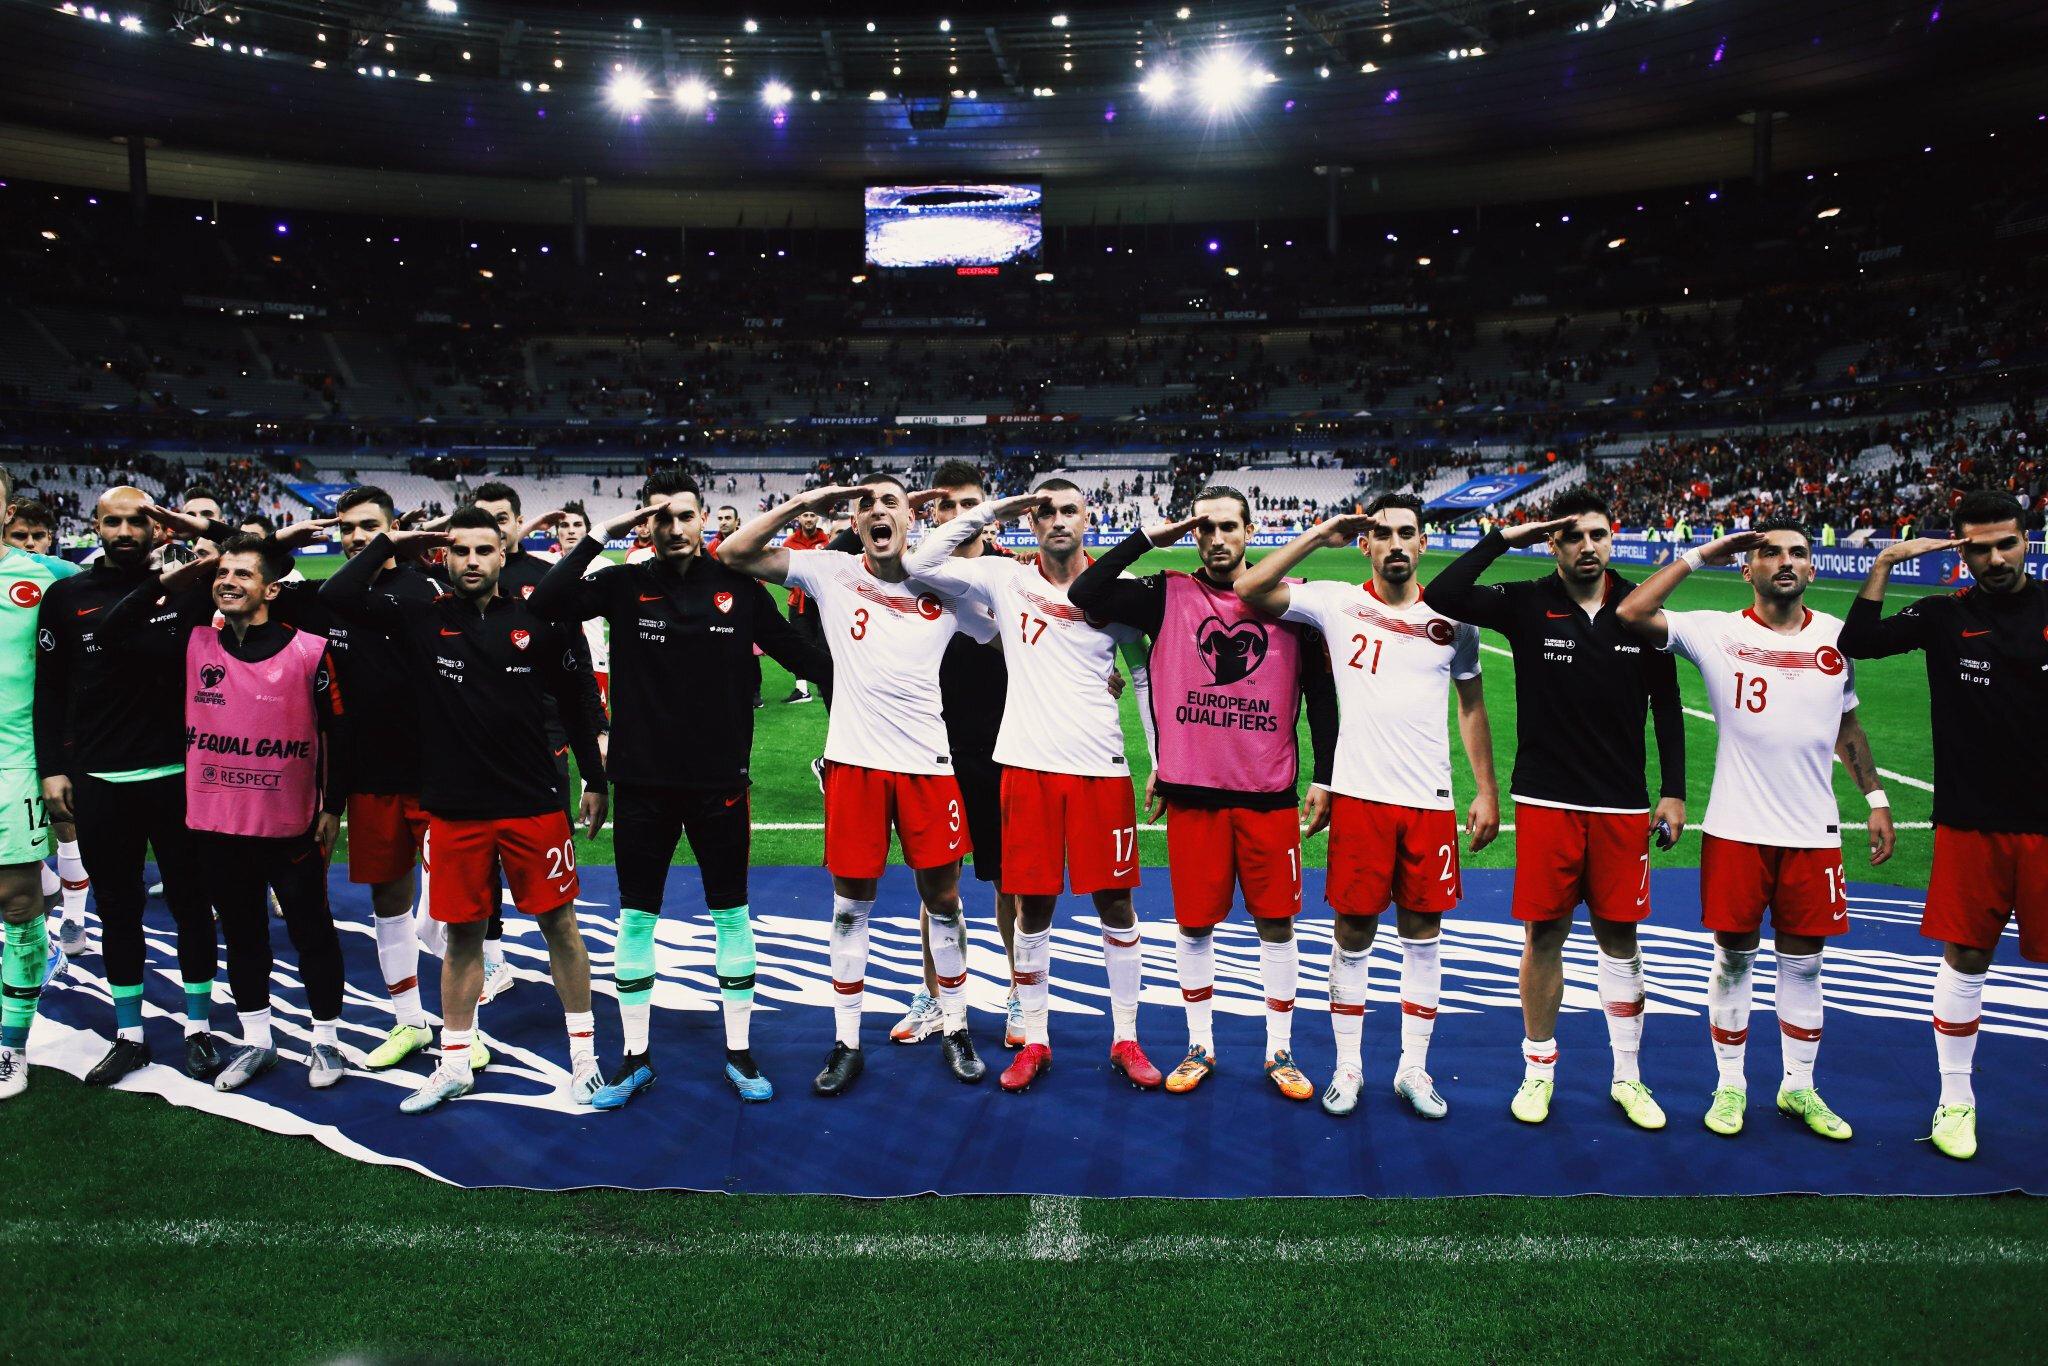 Milli futbolcular, atılan golde olduğu gibi maç sonu da Türk taraftarların önüne gelerek asker selamı verdi.